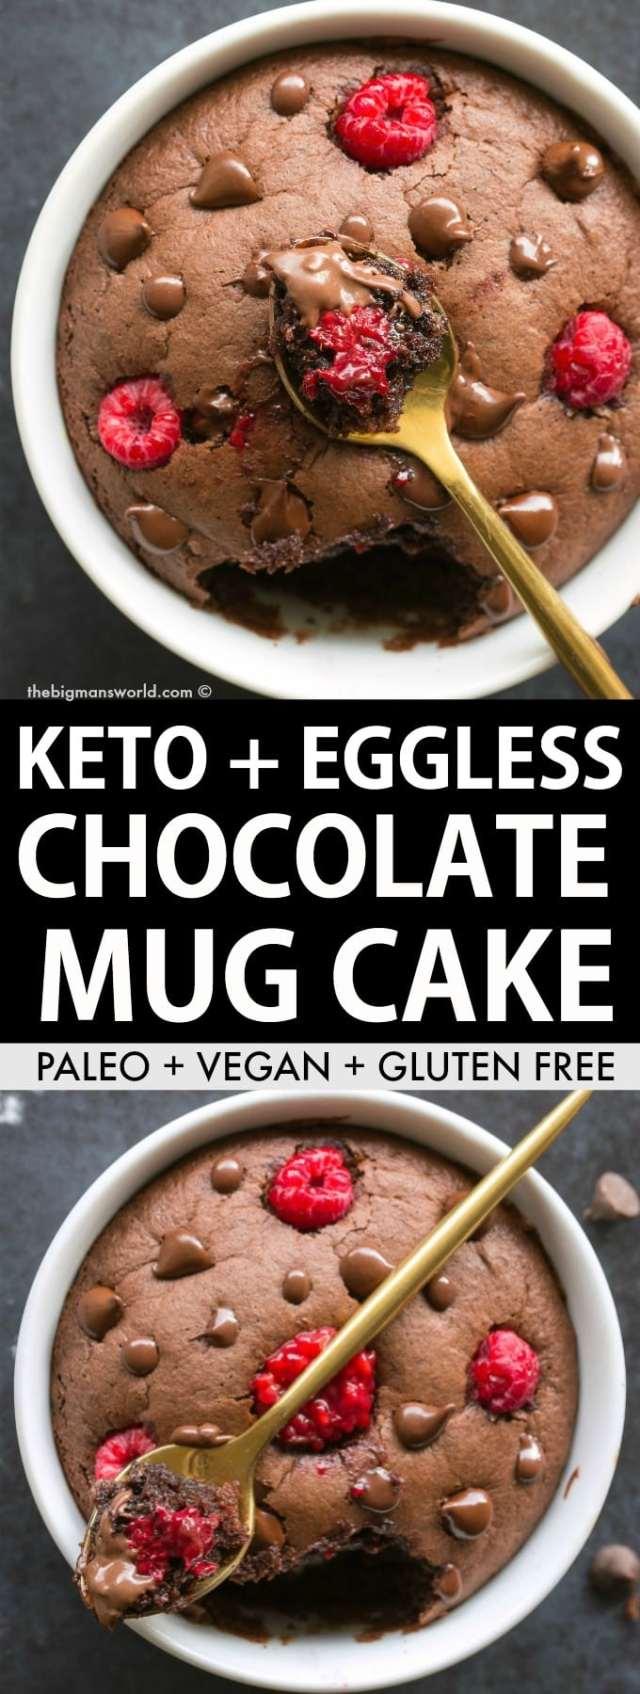 Keto and Low Carb Chocolate Mug Cake made with almond flour- No coconut, no eggs and no sugar!